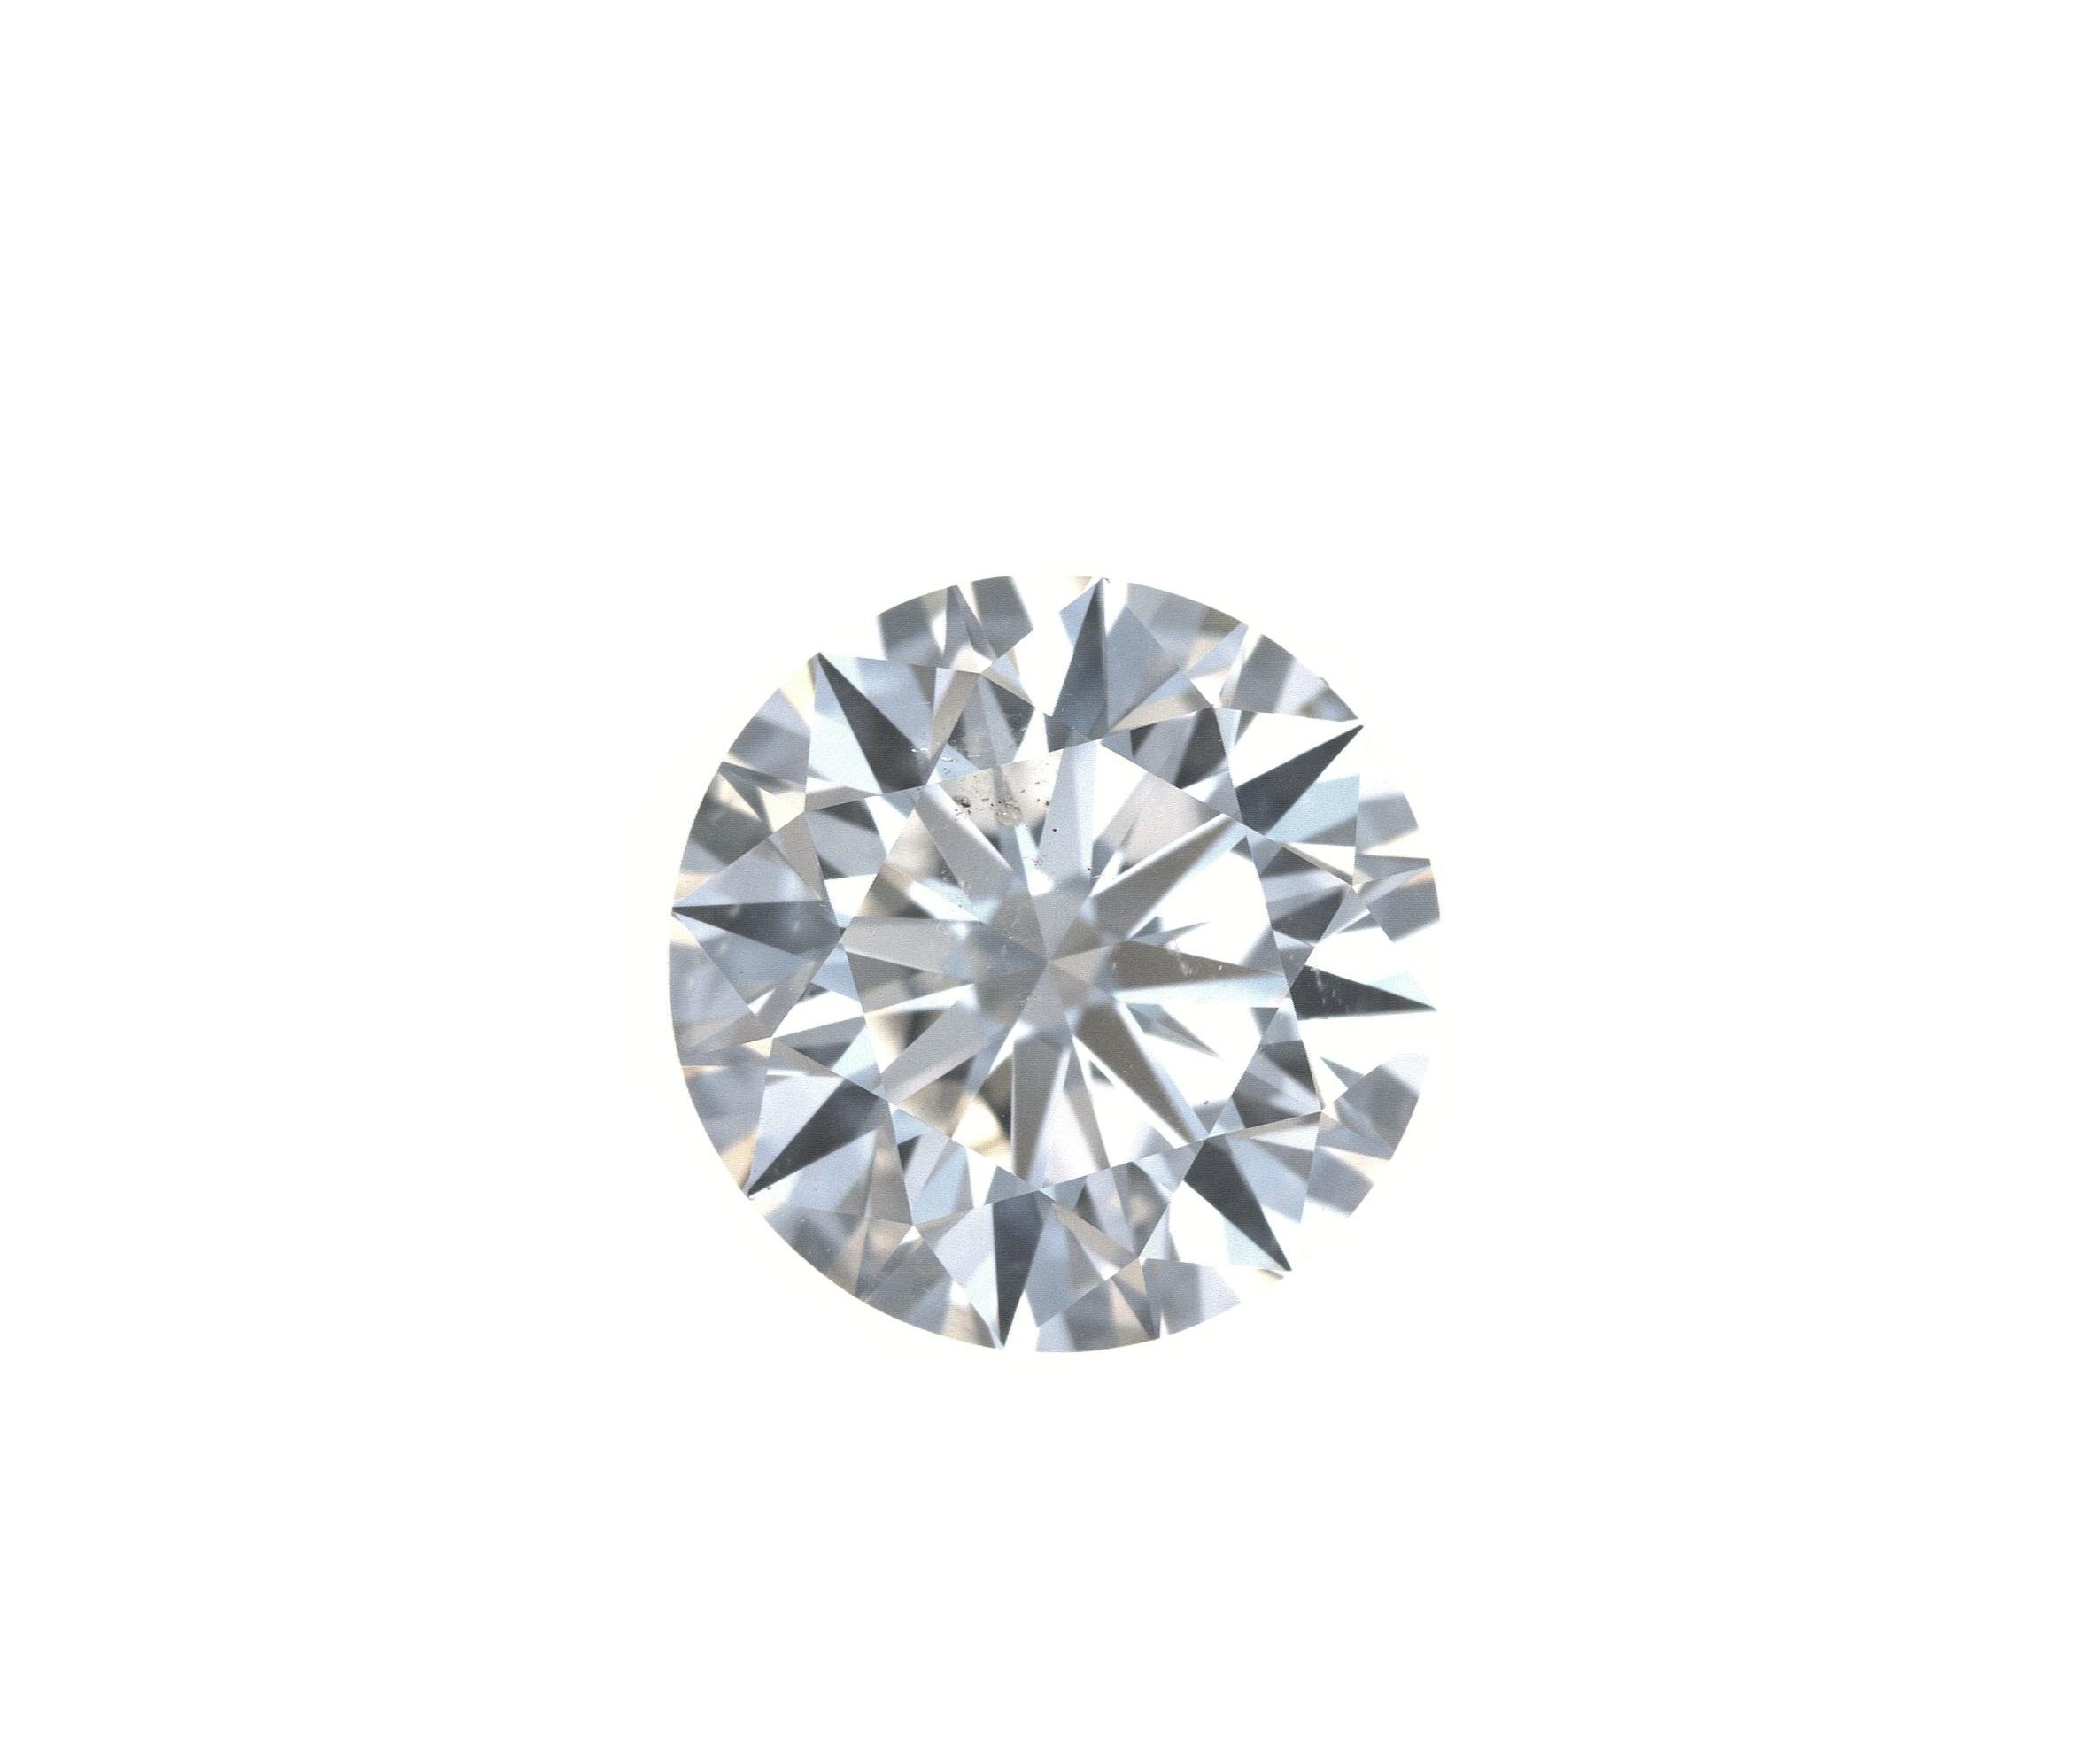 Round Cut 2.4 Carat J Color Si2 Clarity Sku 313100622